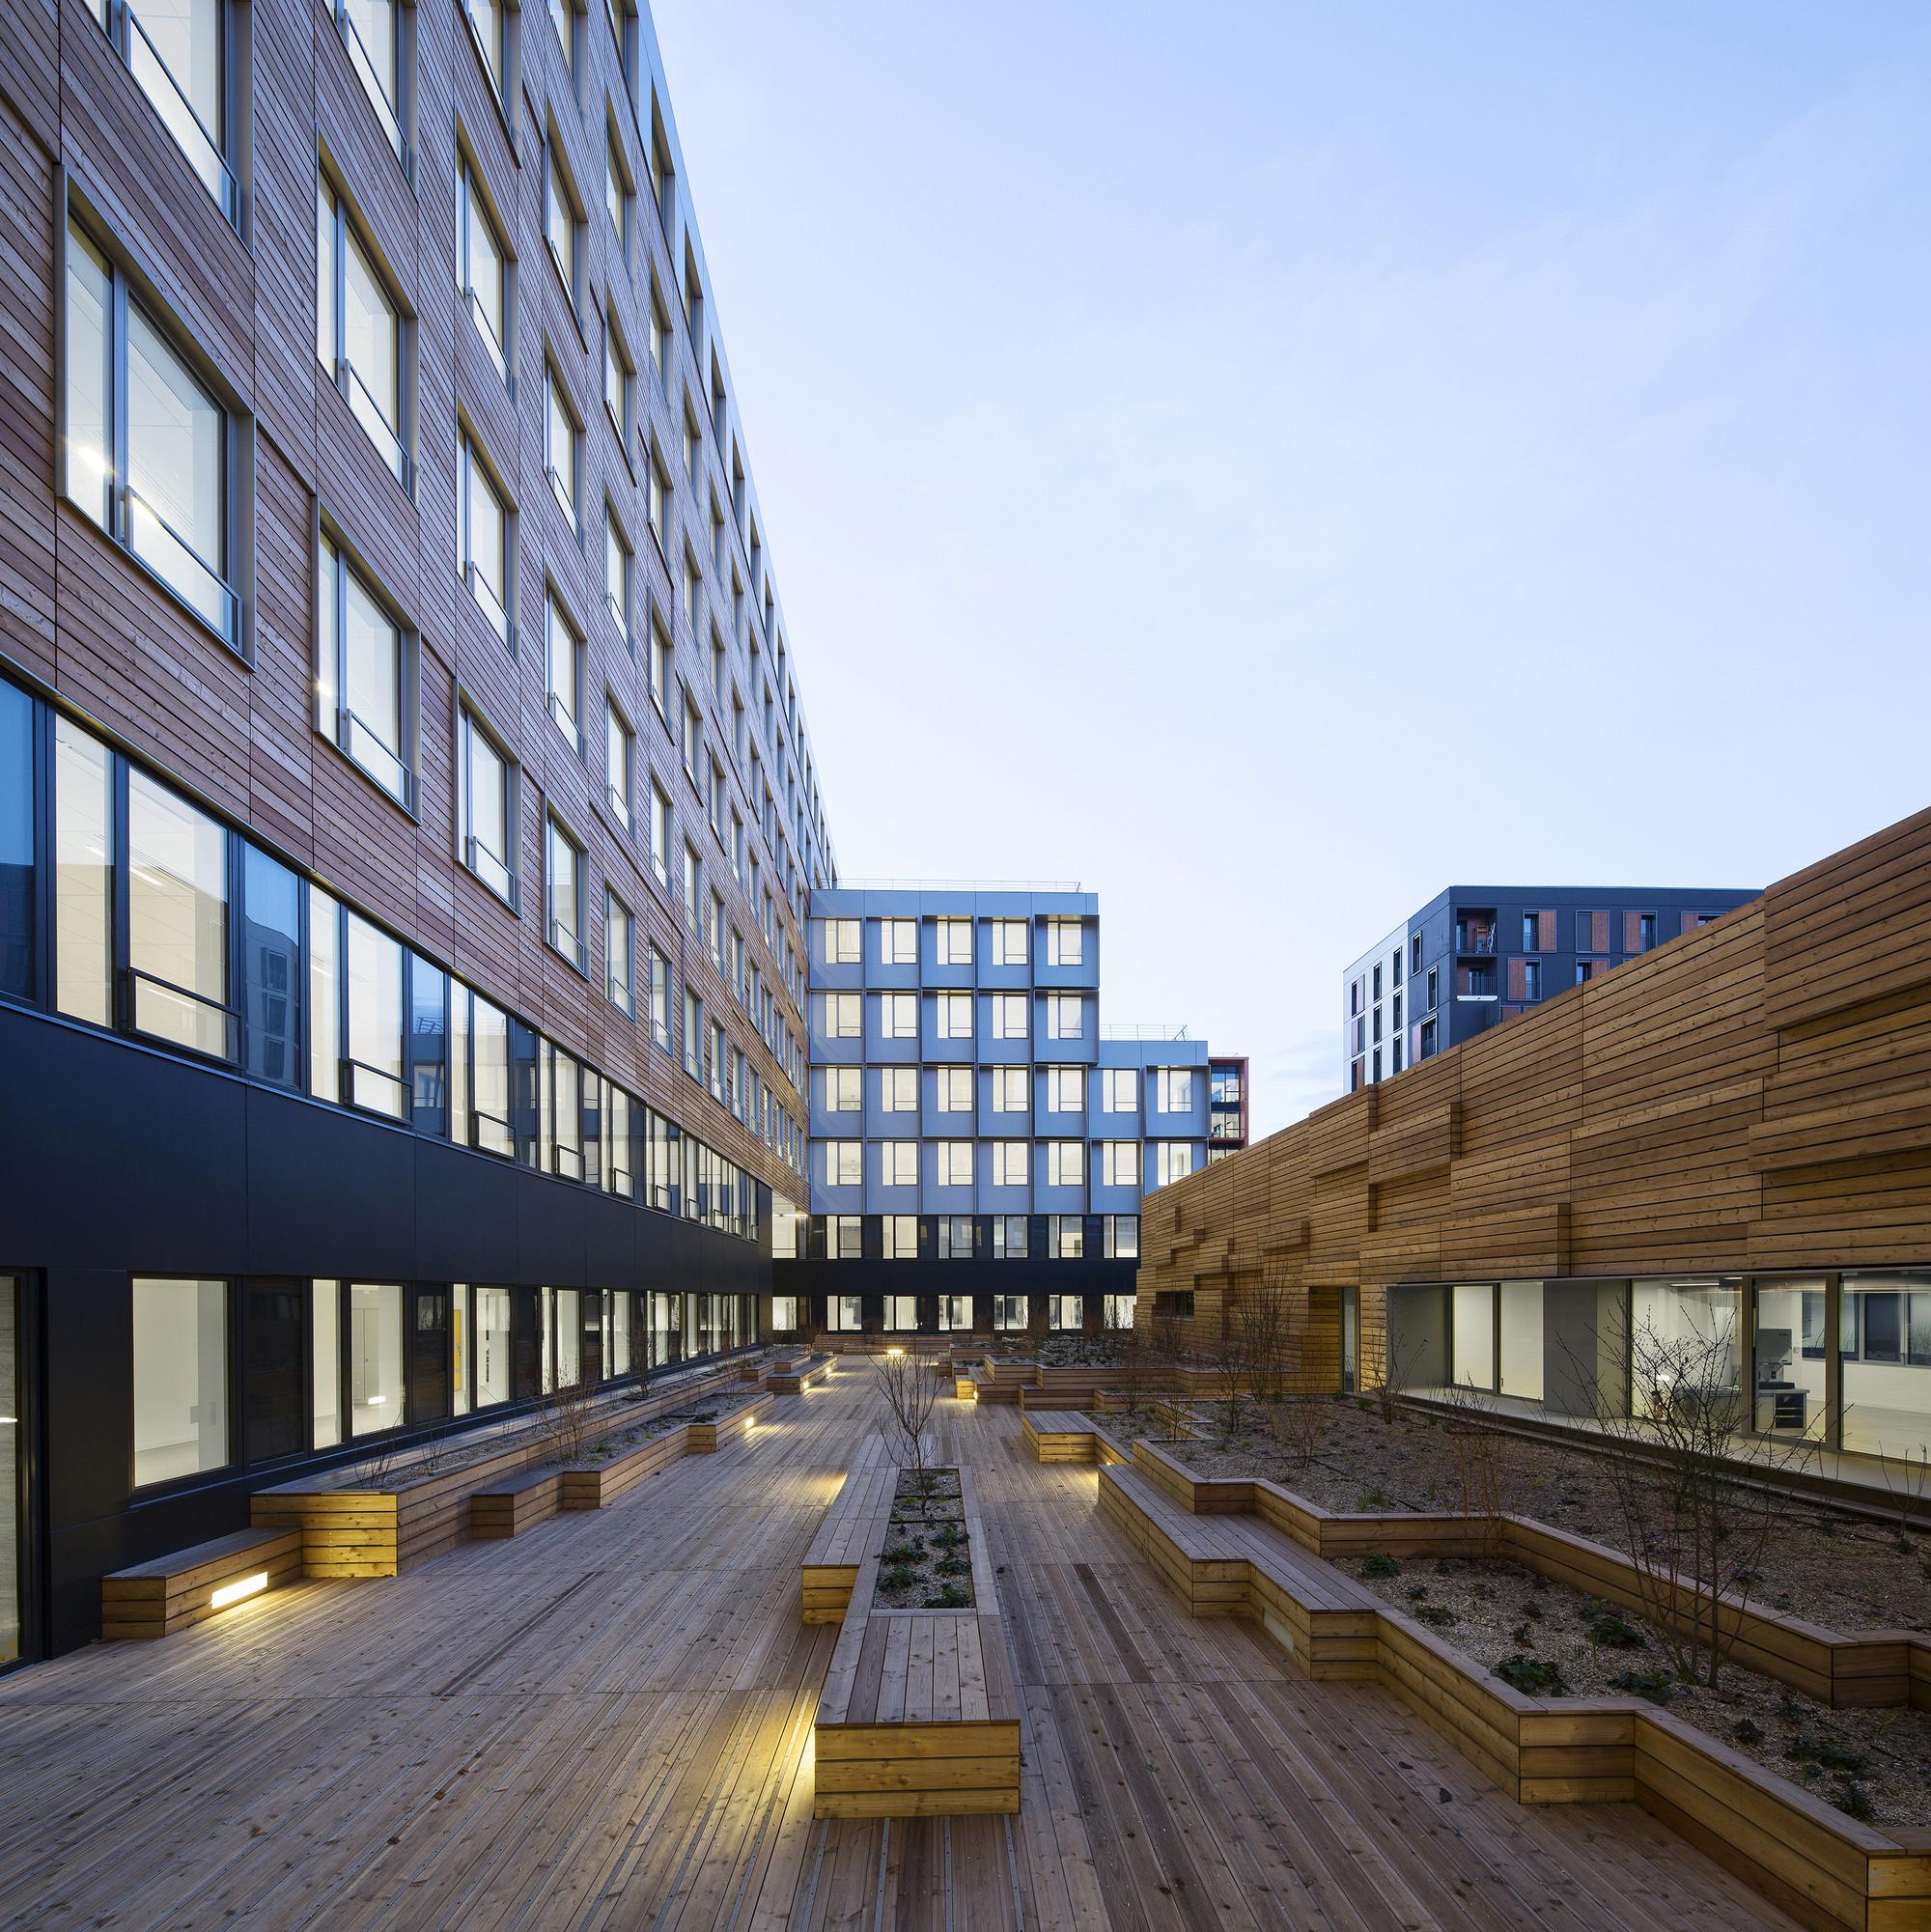 Dock En Seine Offices / Franklin Azzi Architecture, Courtesy of Franklin Azzi Architecture